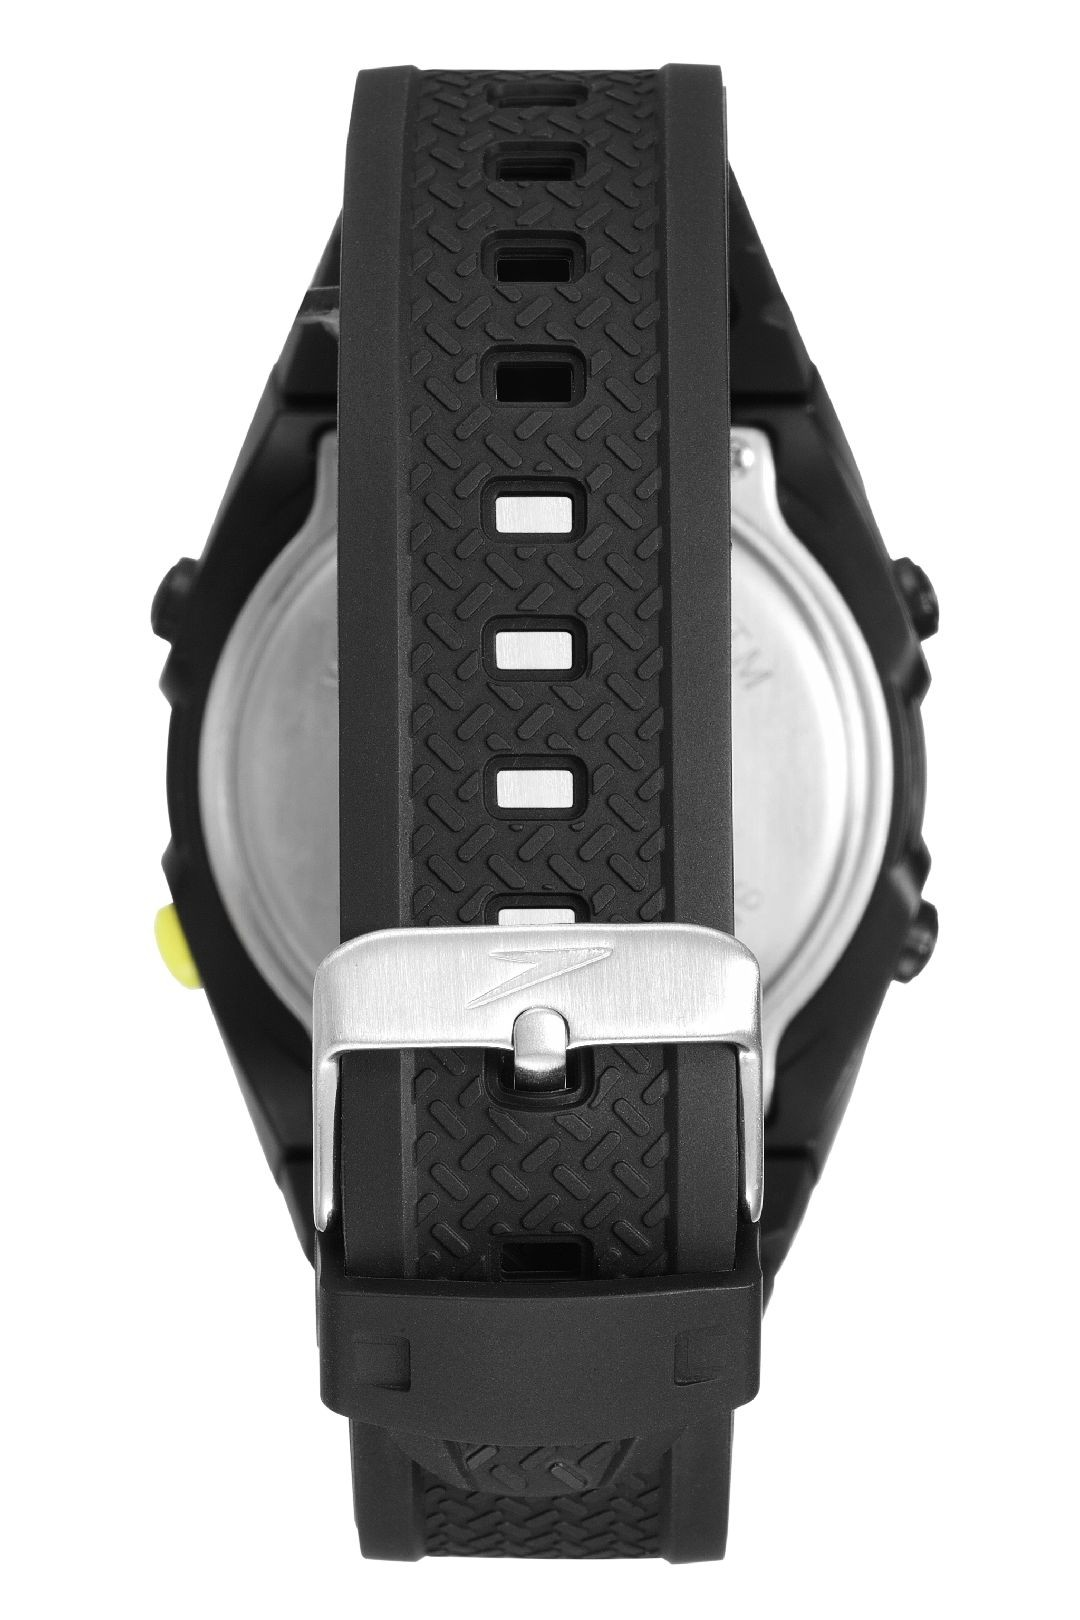 Relógio Masculino Speedo Pulseira de Poliuretano Preta Fundo LCD Positivo 81131G0EVNP1